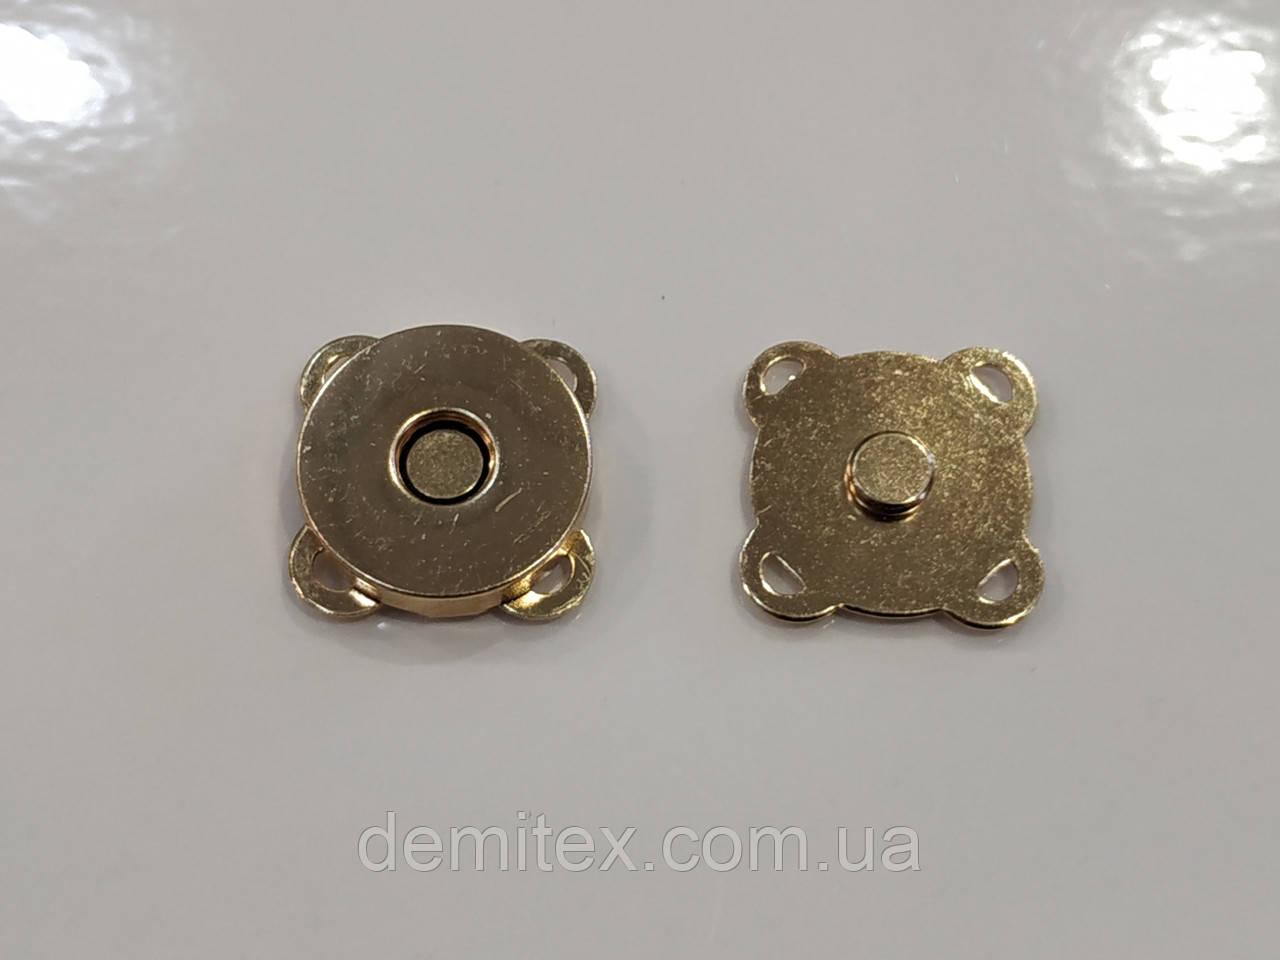 Магнит сумочный пришивной золото 18мм